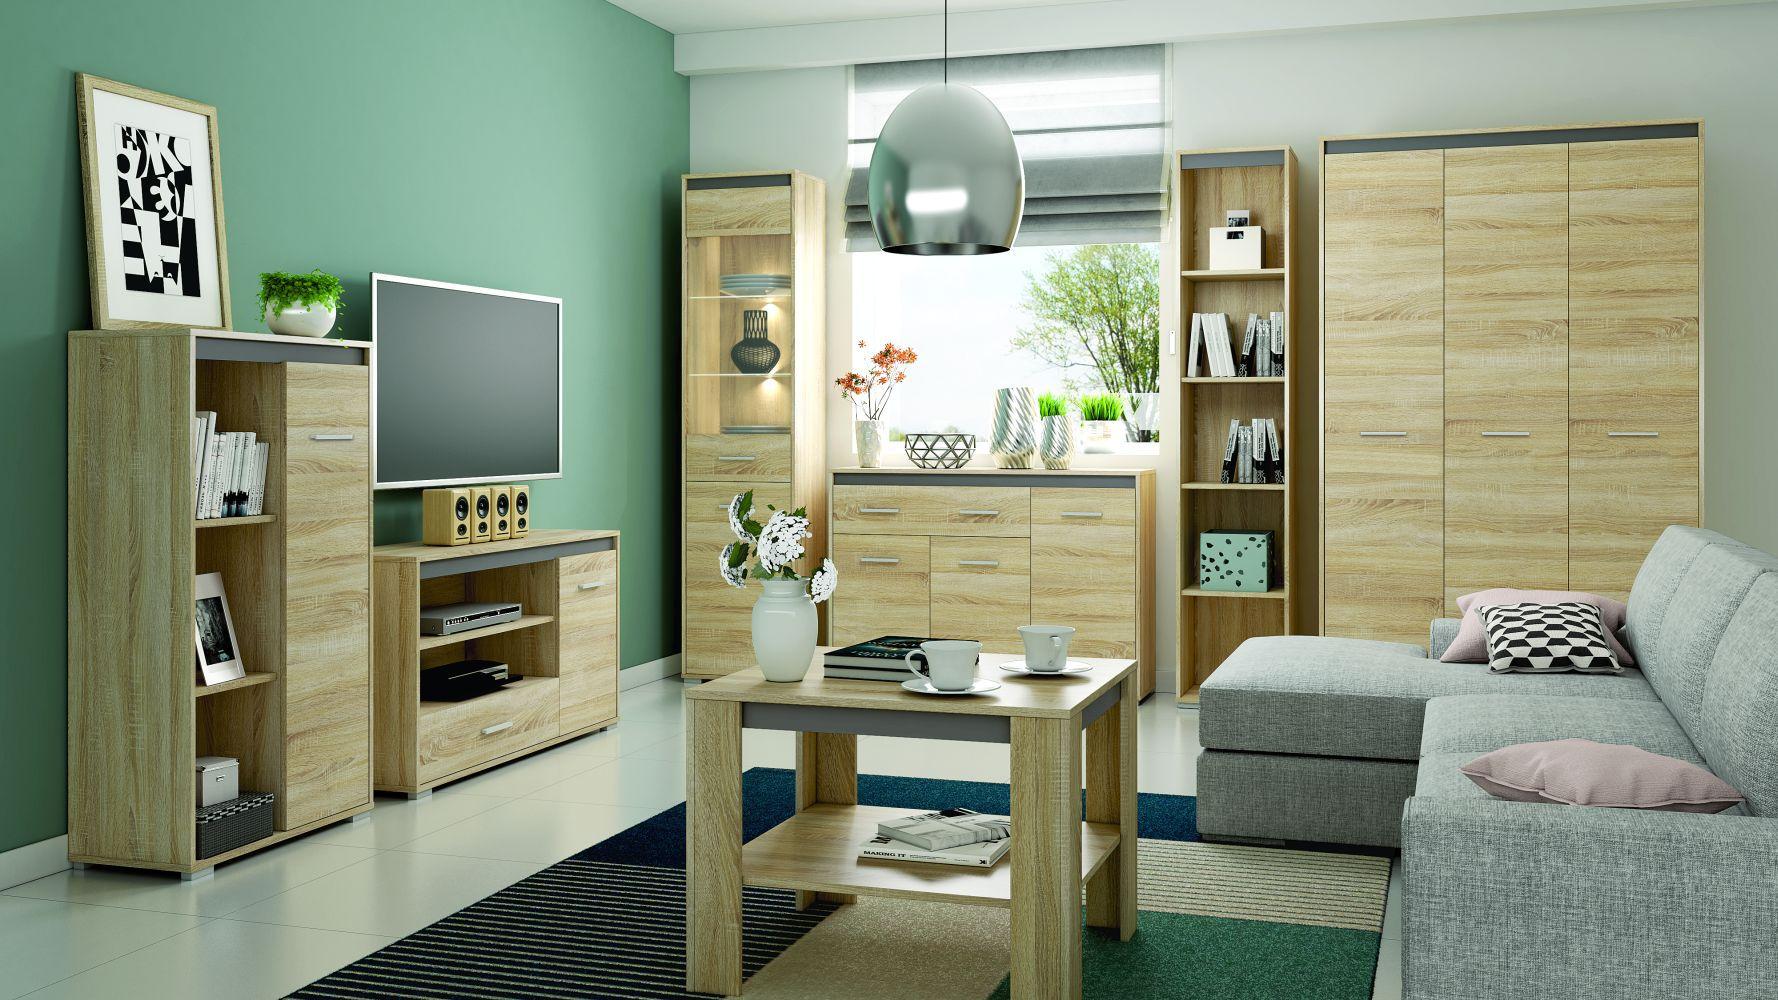 Wohnzimmer Komplett - Set C Mochis, 7-teilig, Farbe: Sonoma Eiche hell inklusive 3 Farbeinsätzen